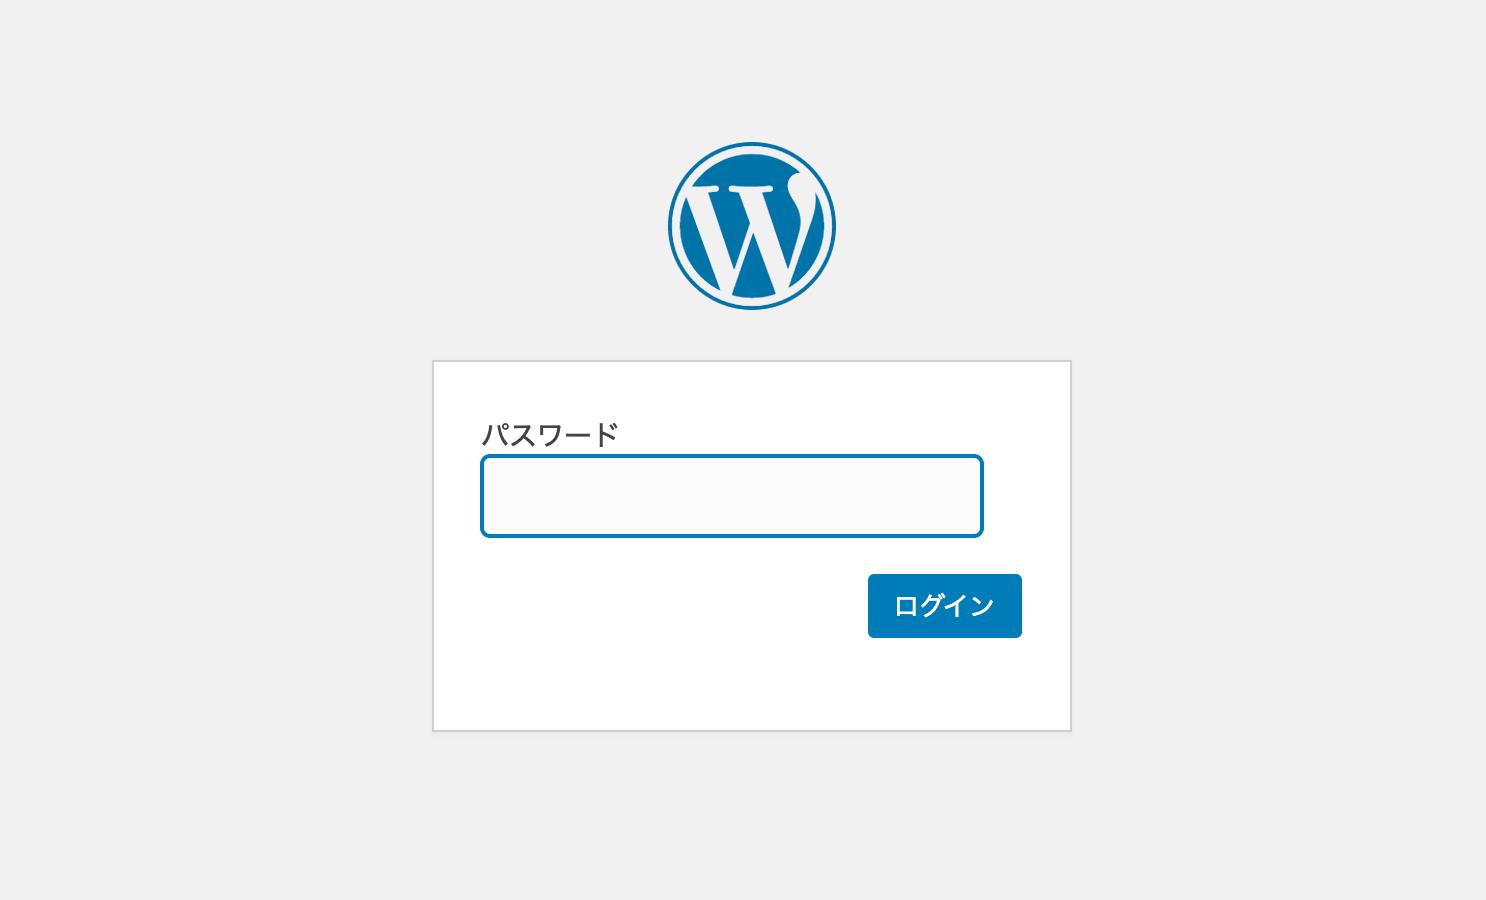 パスワード保護されているページ